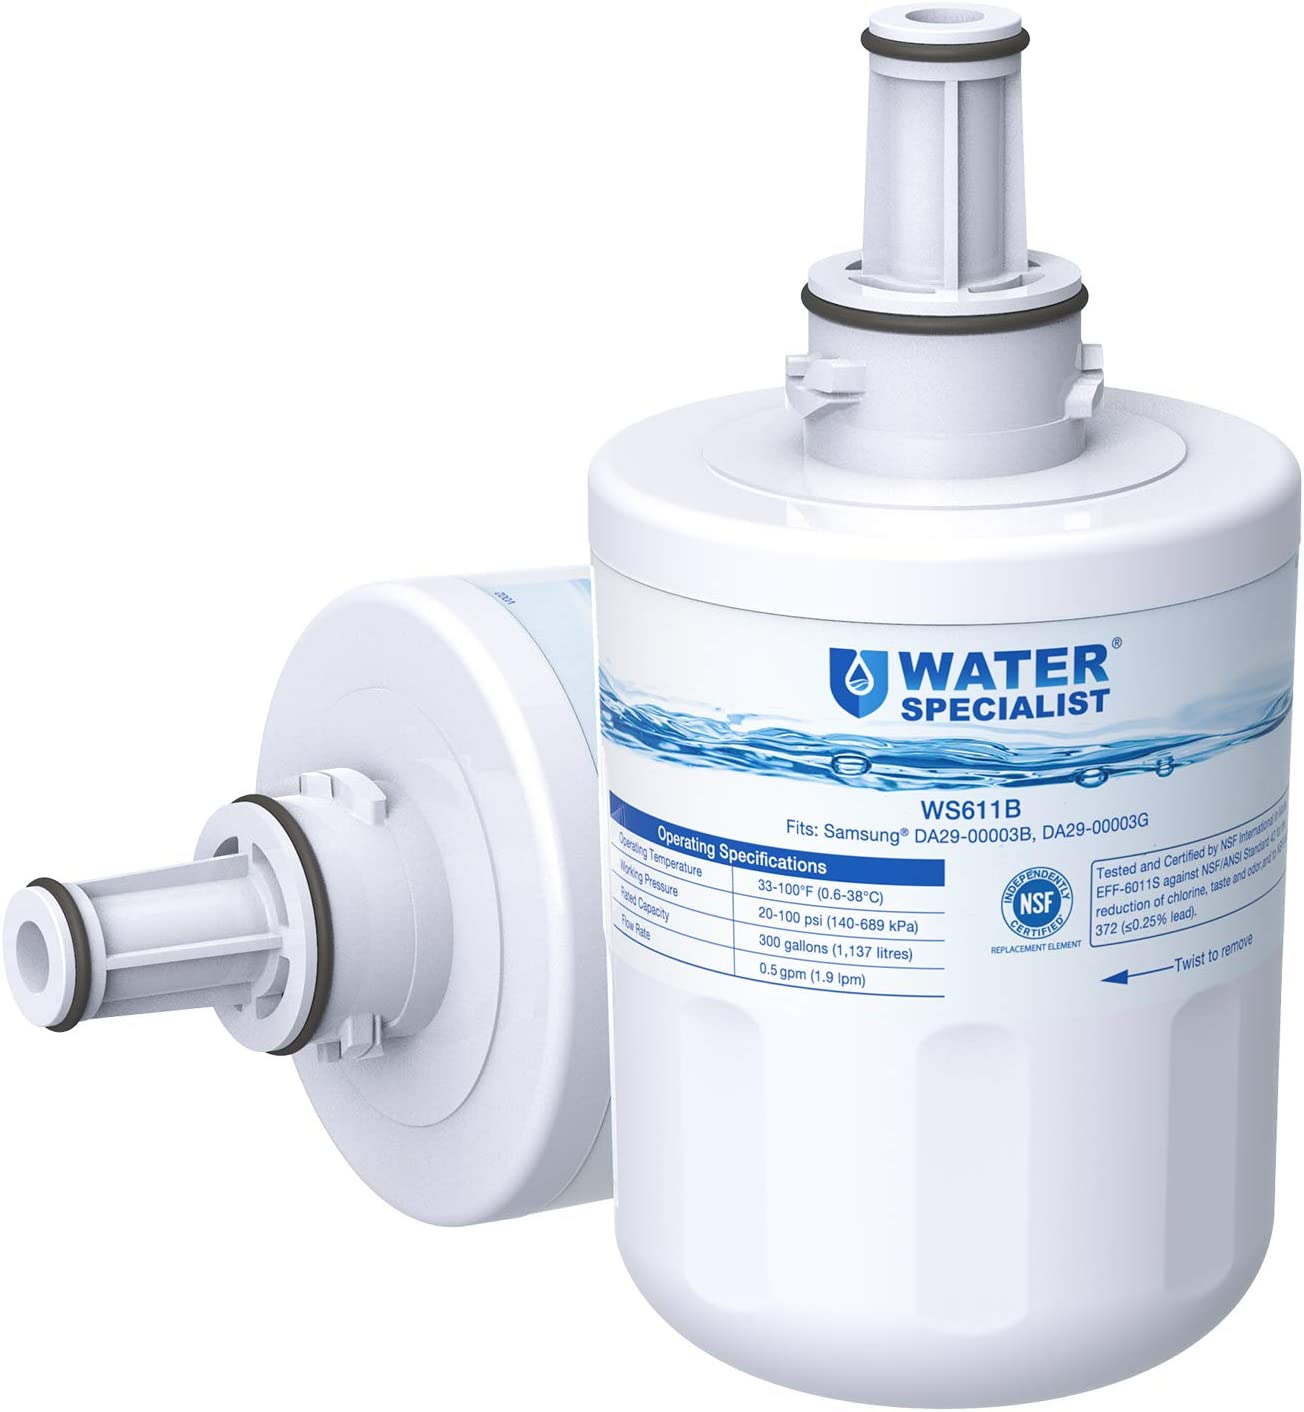 Funien Filtro de Repuesto Refrigerador Filtro de Repuesto Filtro de refrigerador Filtro de Agua de Repuesto para refrigerador Samsung DA29-00003G DA29-00003B DA29-00003A DA29-00003D